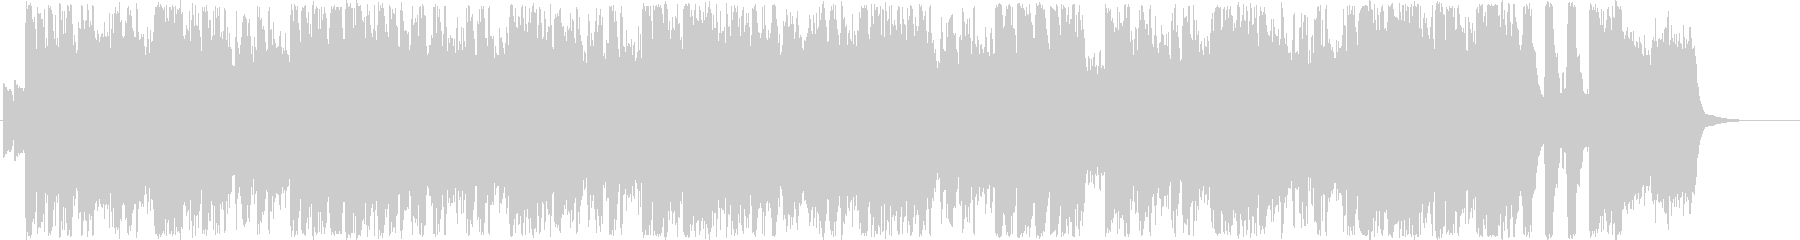 ジングル - オーシャンブリーズの未再生の波形